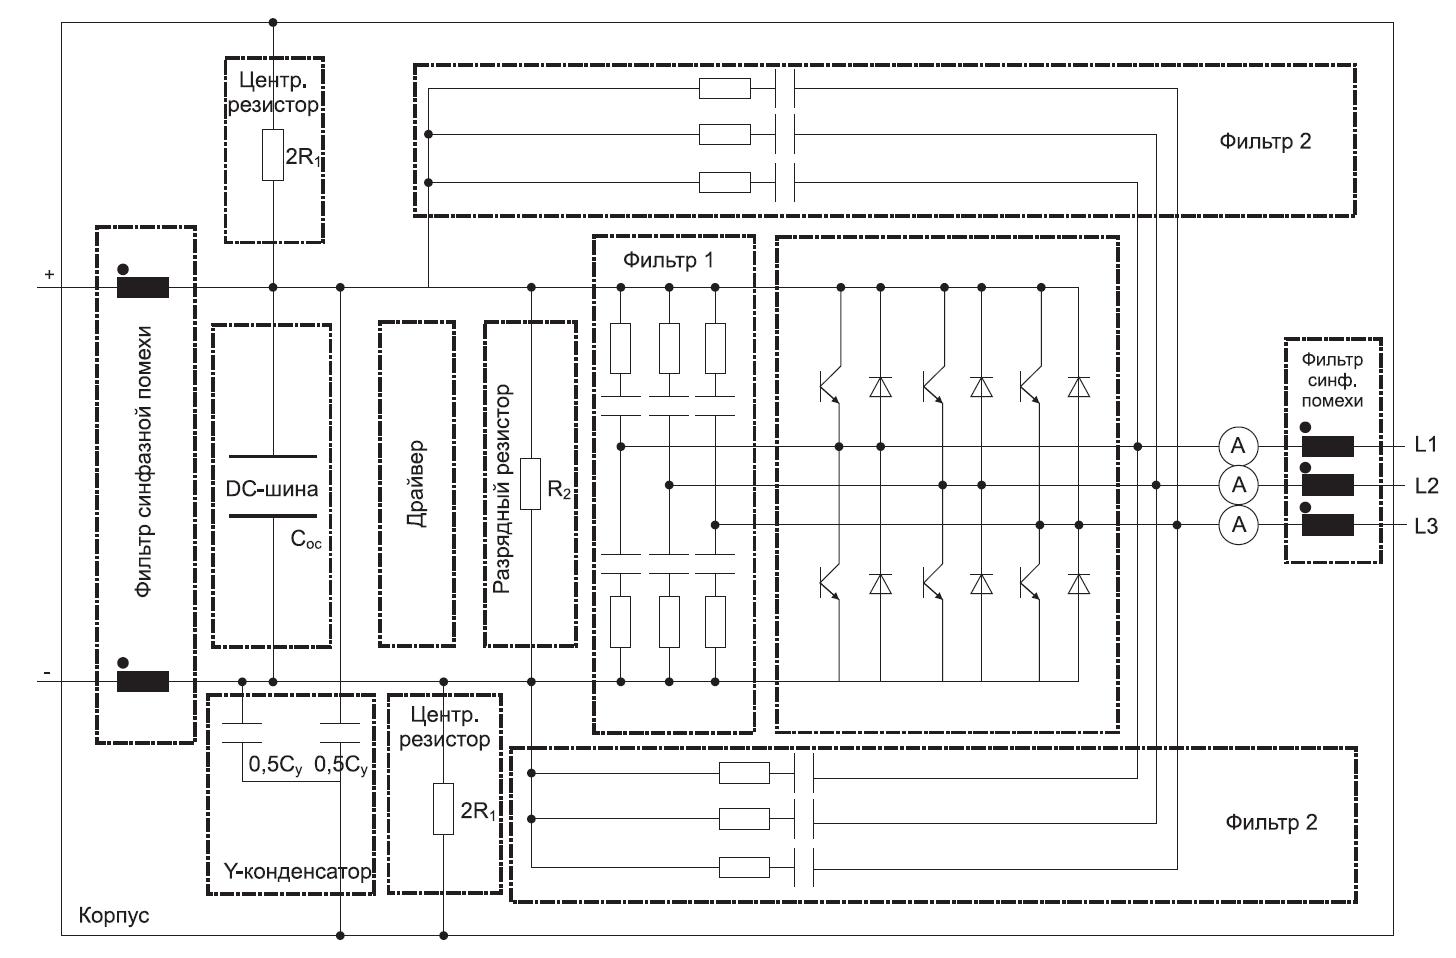 Элементы встроенного EMI-фильтра SKAI HV